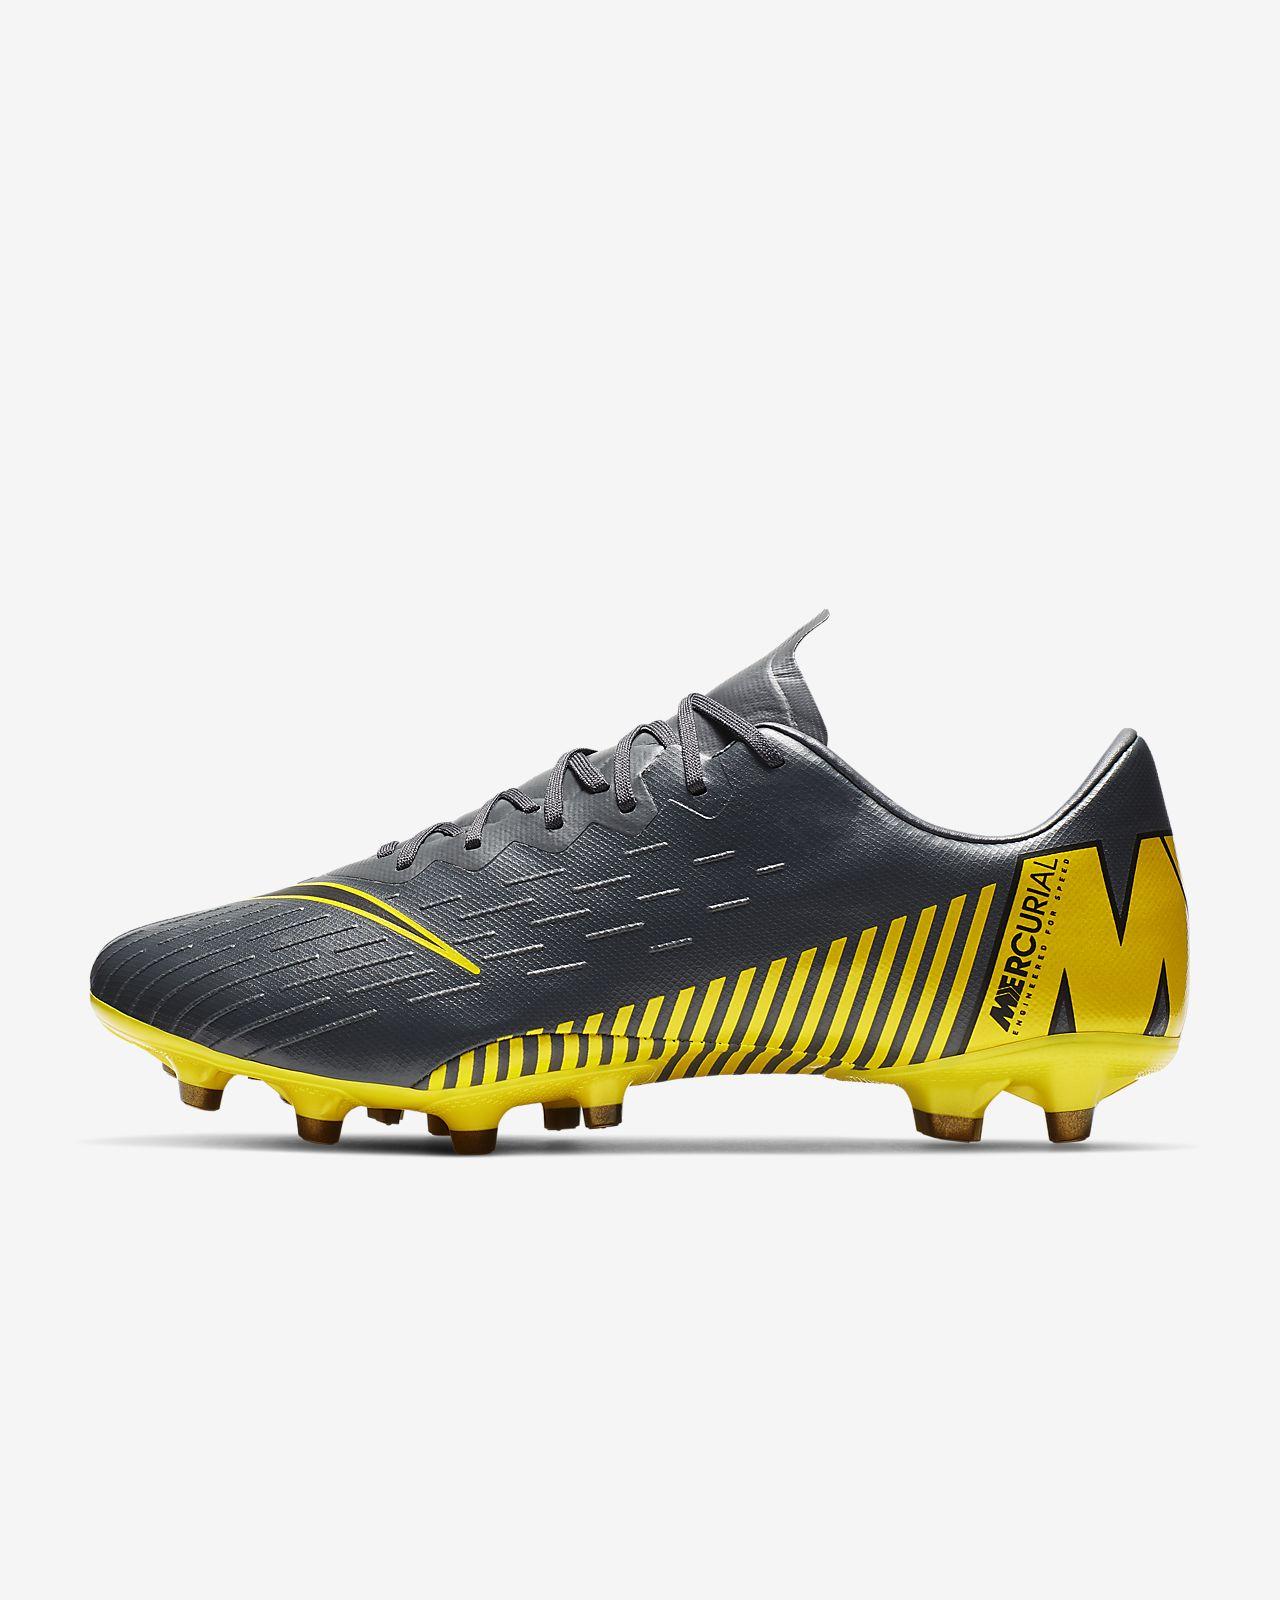 release date fb96e d4223 ... Calzado de fútbol para pasto artificial Nike Mercurial Vapor XII Pro AG- PRO